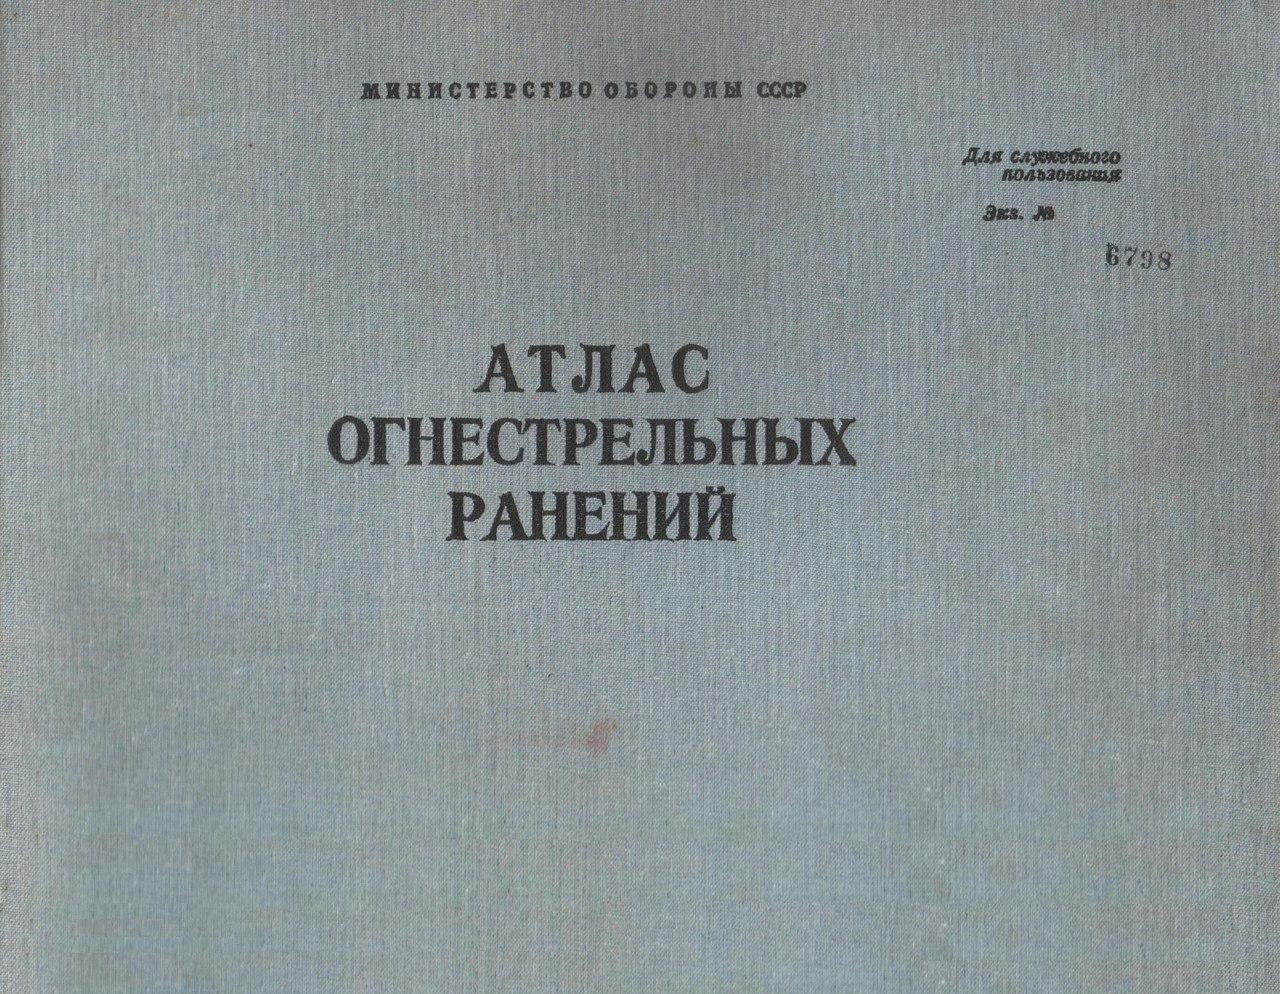 Атлас огнестрельных ранений Министерства обороны СССР